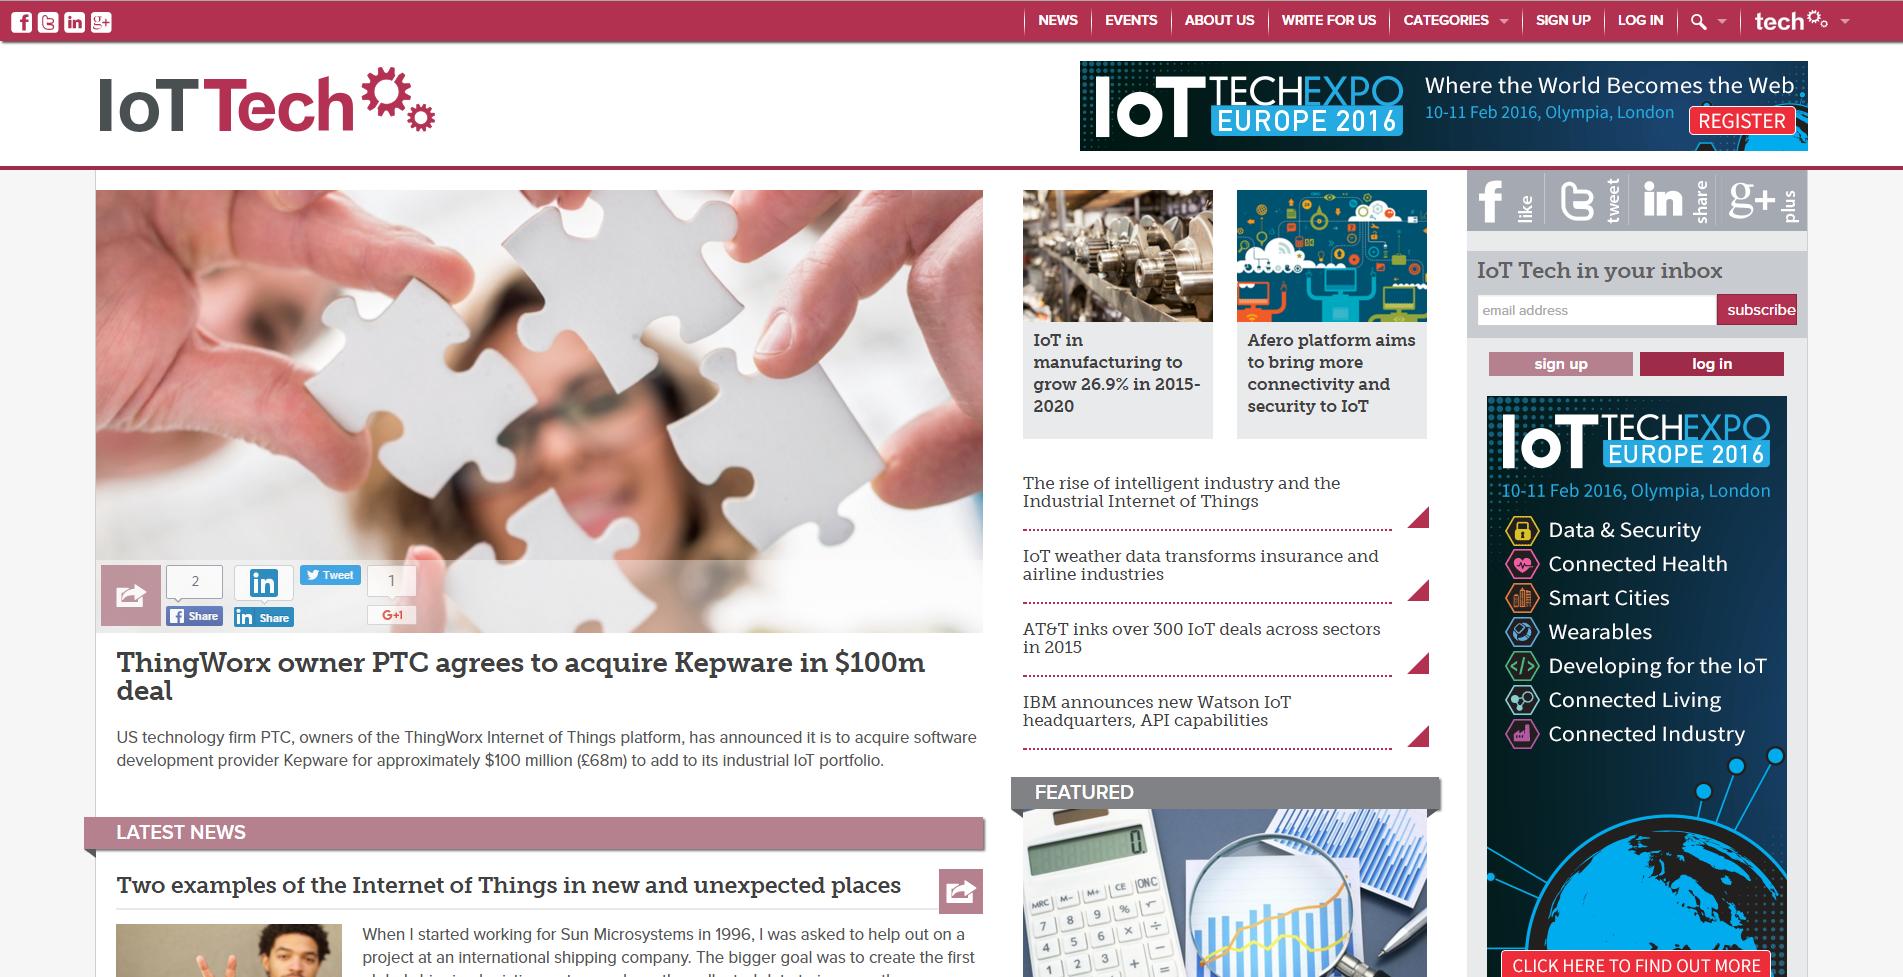 IoT news screenshot